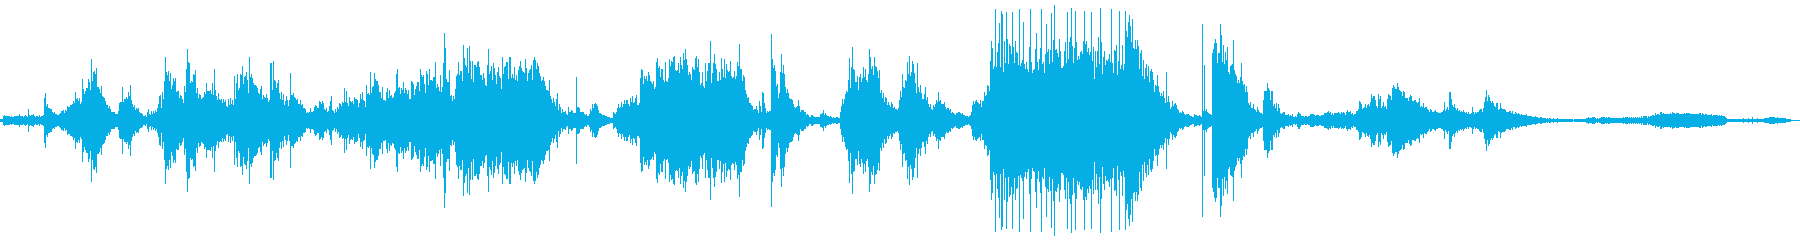 メタルクランクインパクト、ワーピン...の再生済みの波形